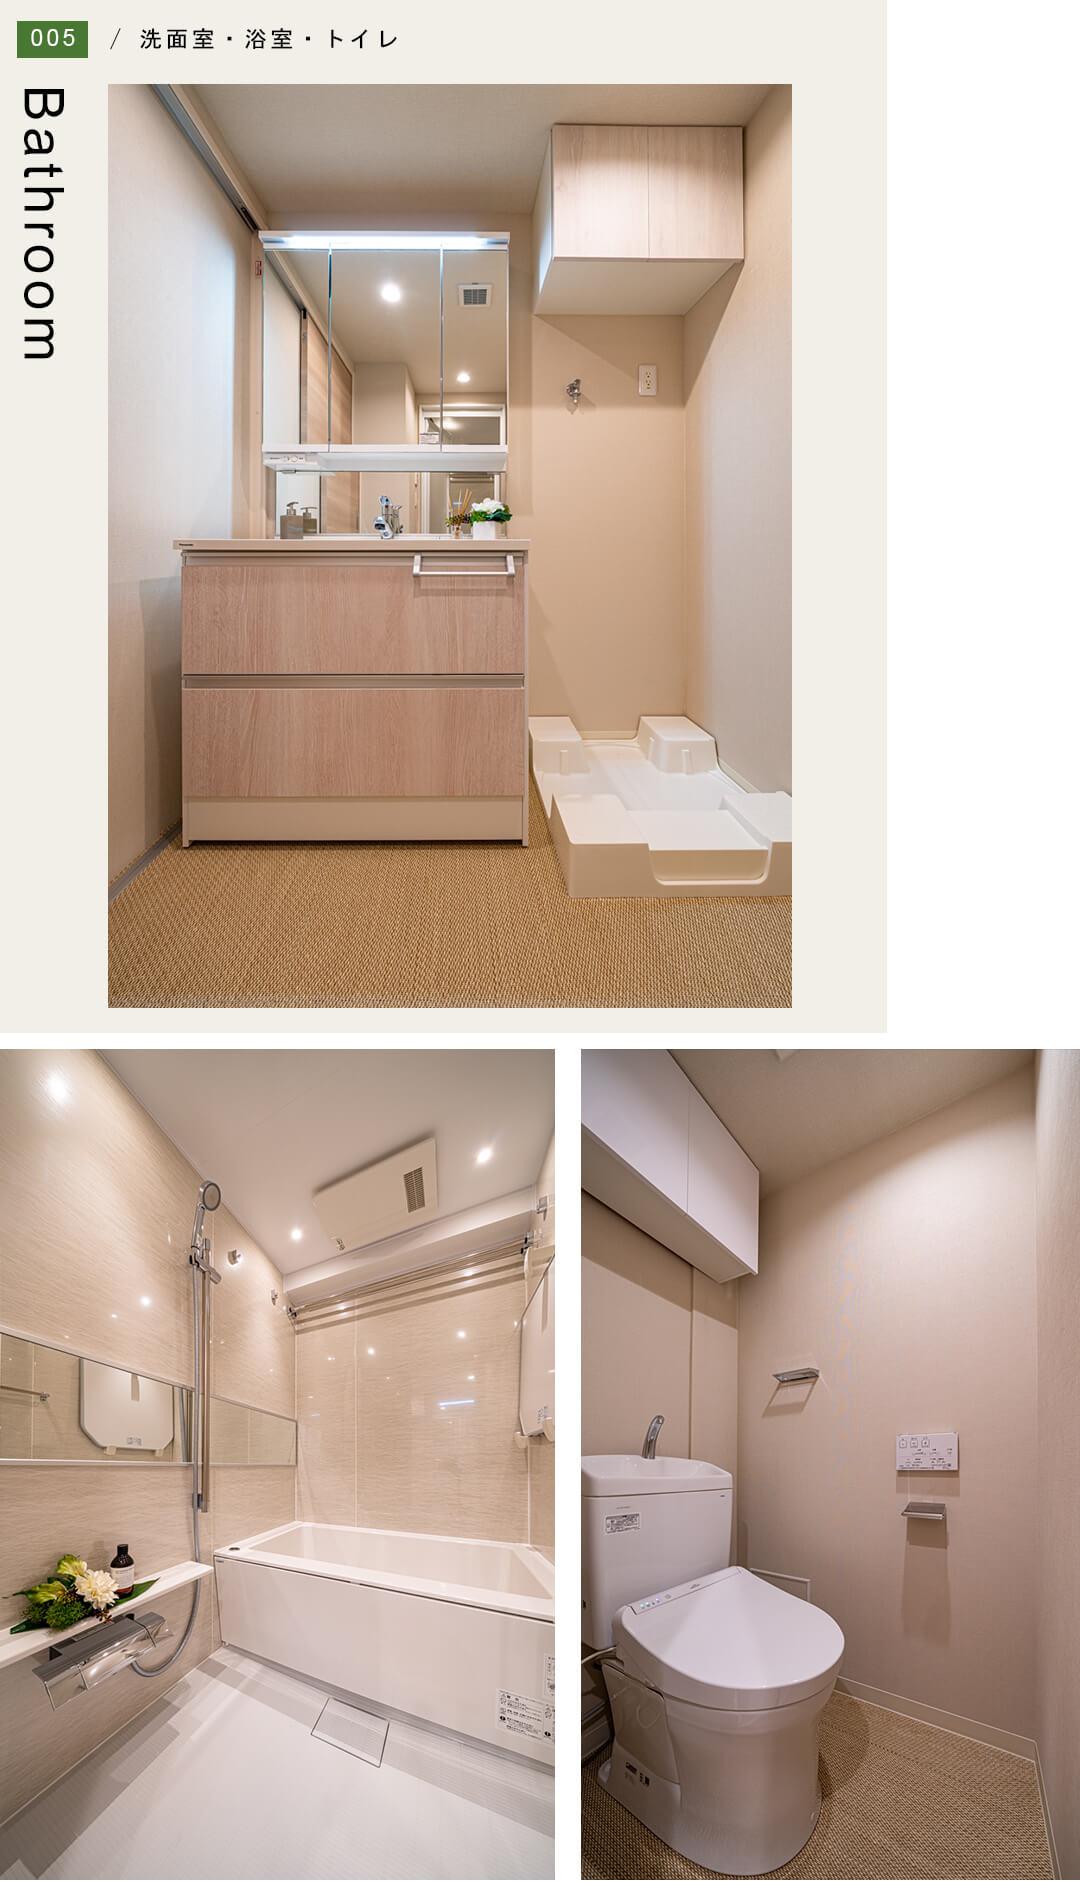 高井戸第二ハイホームの洗面室と浴室とトイレ